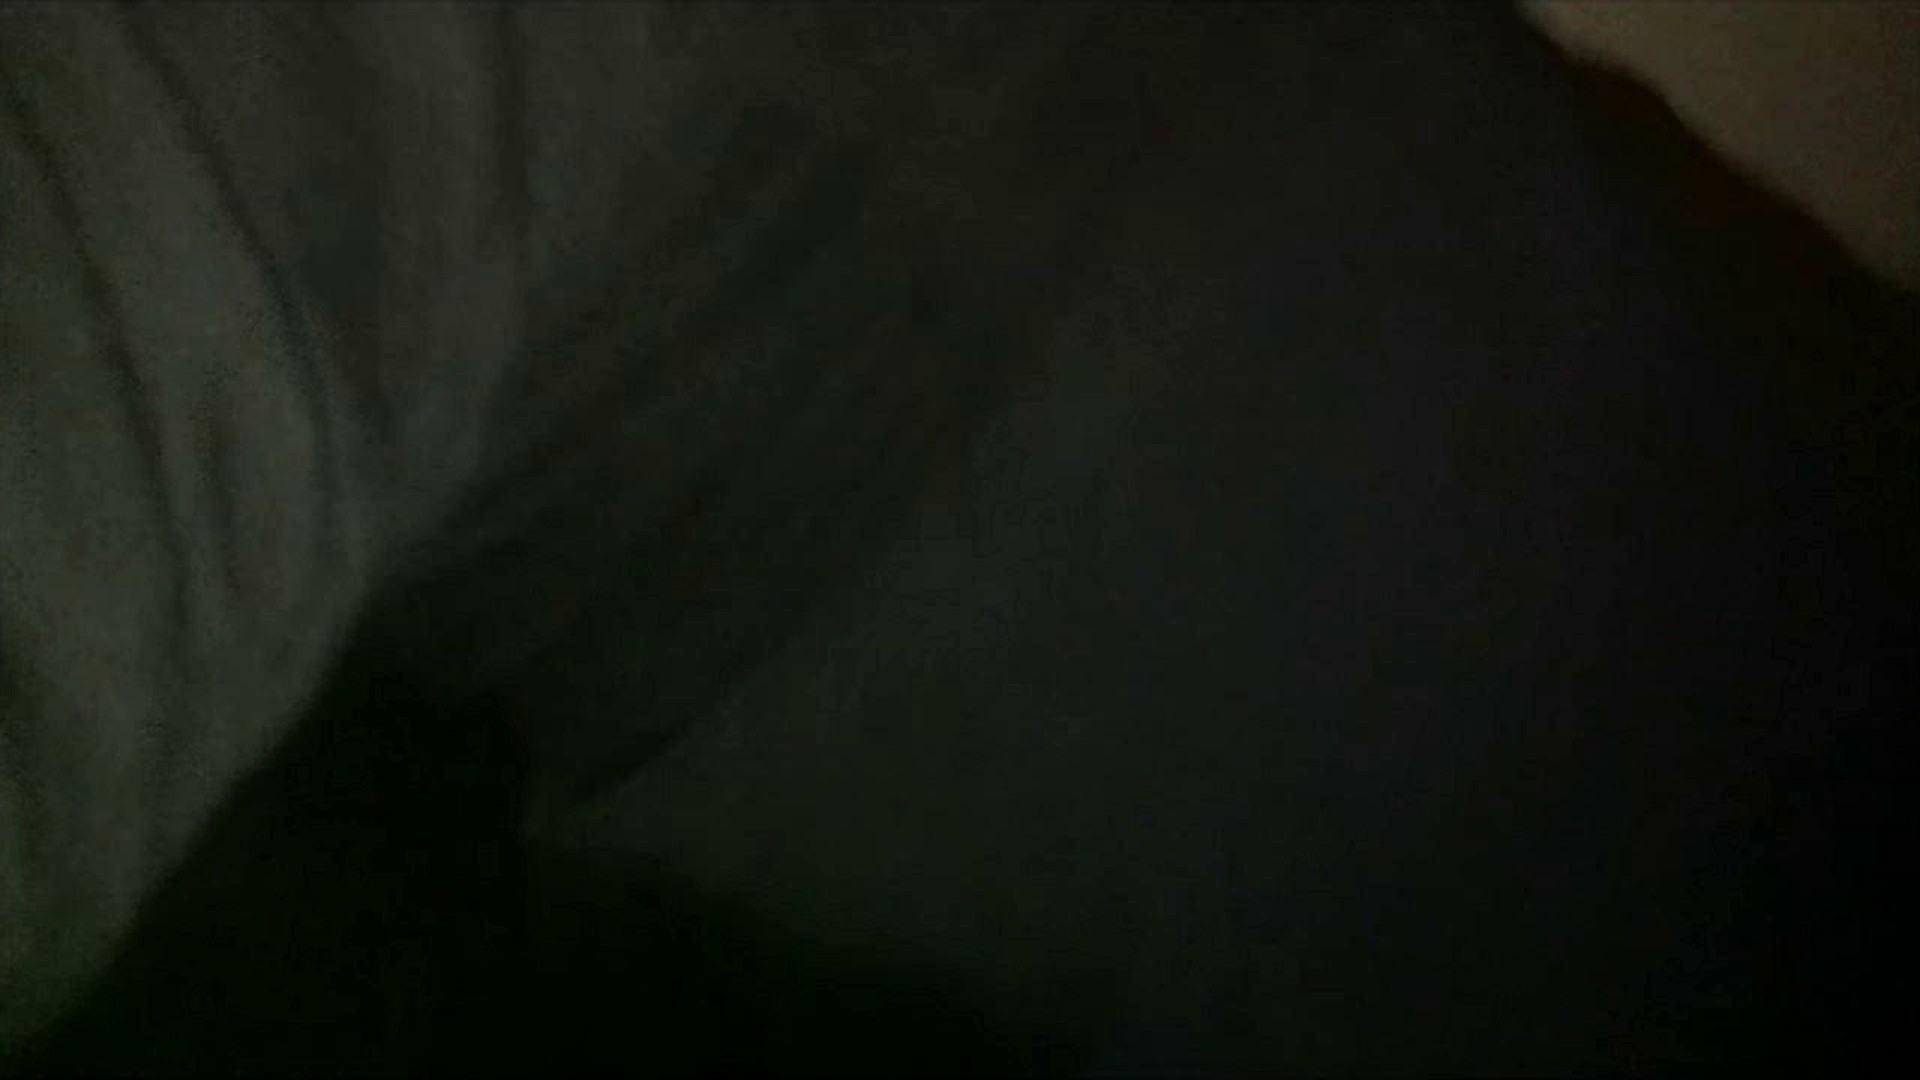 魔術師の お・も・て・な・し vol.19 25歳のキャリアウーマンにネットカフェイタズラ OLの実態 | イタズラ  90pic 33